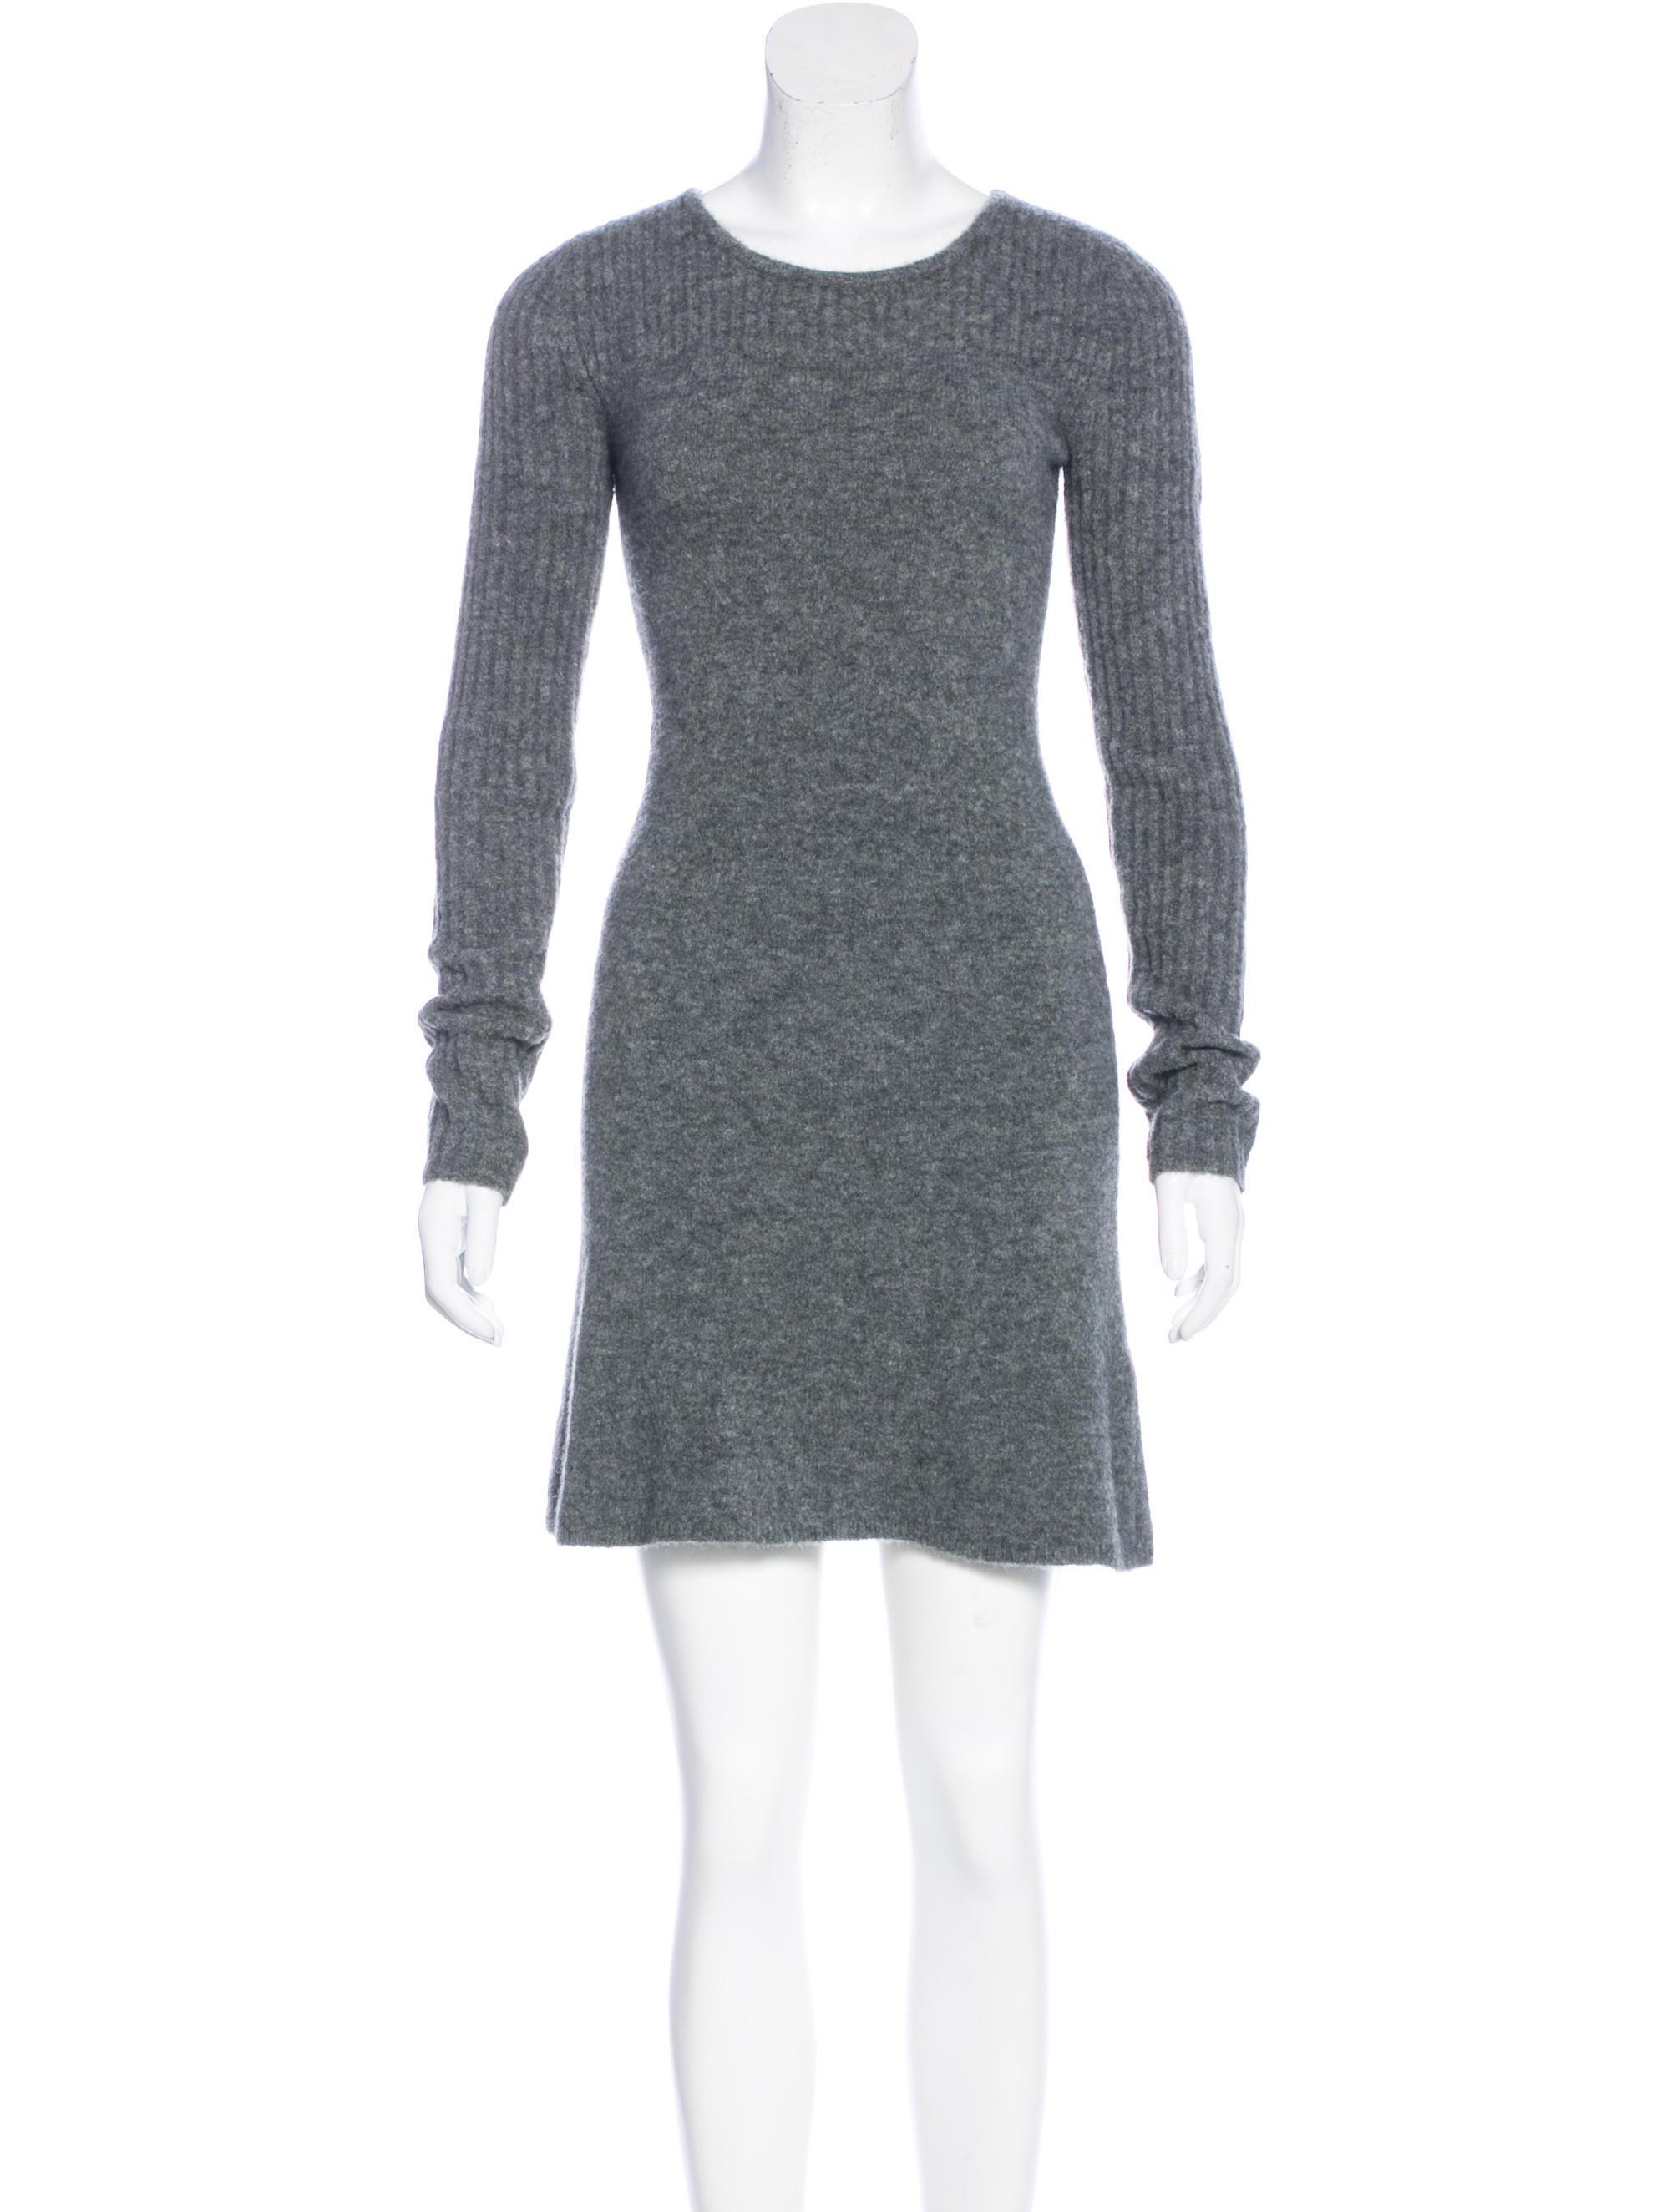 Toile isabel marant wool midi dress clothing wet41814 for Isabel marant shirt dress